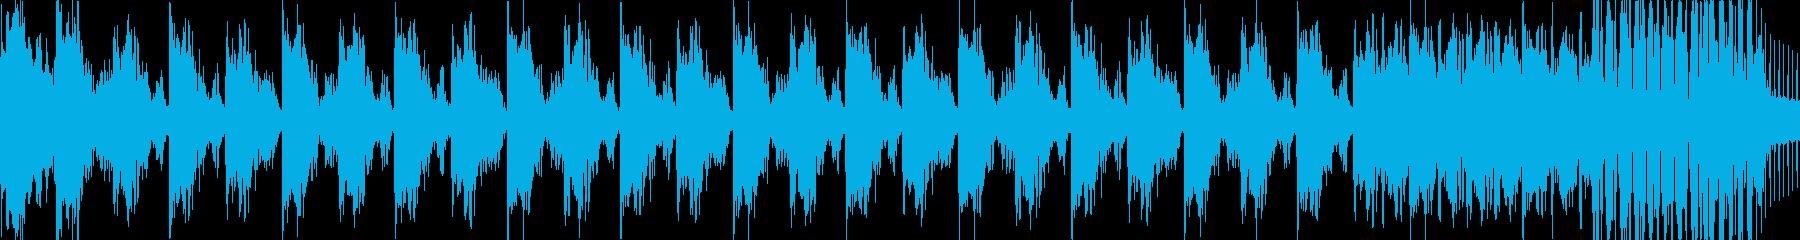 トランス・ハウス系BGM(ループ)の再生済みの波形